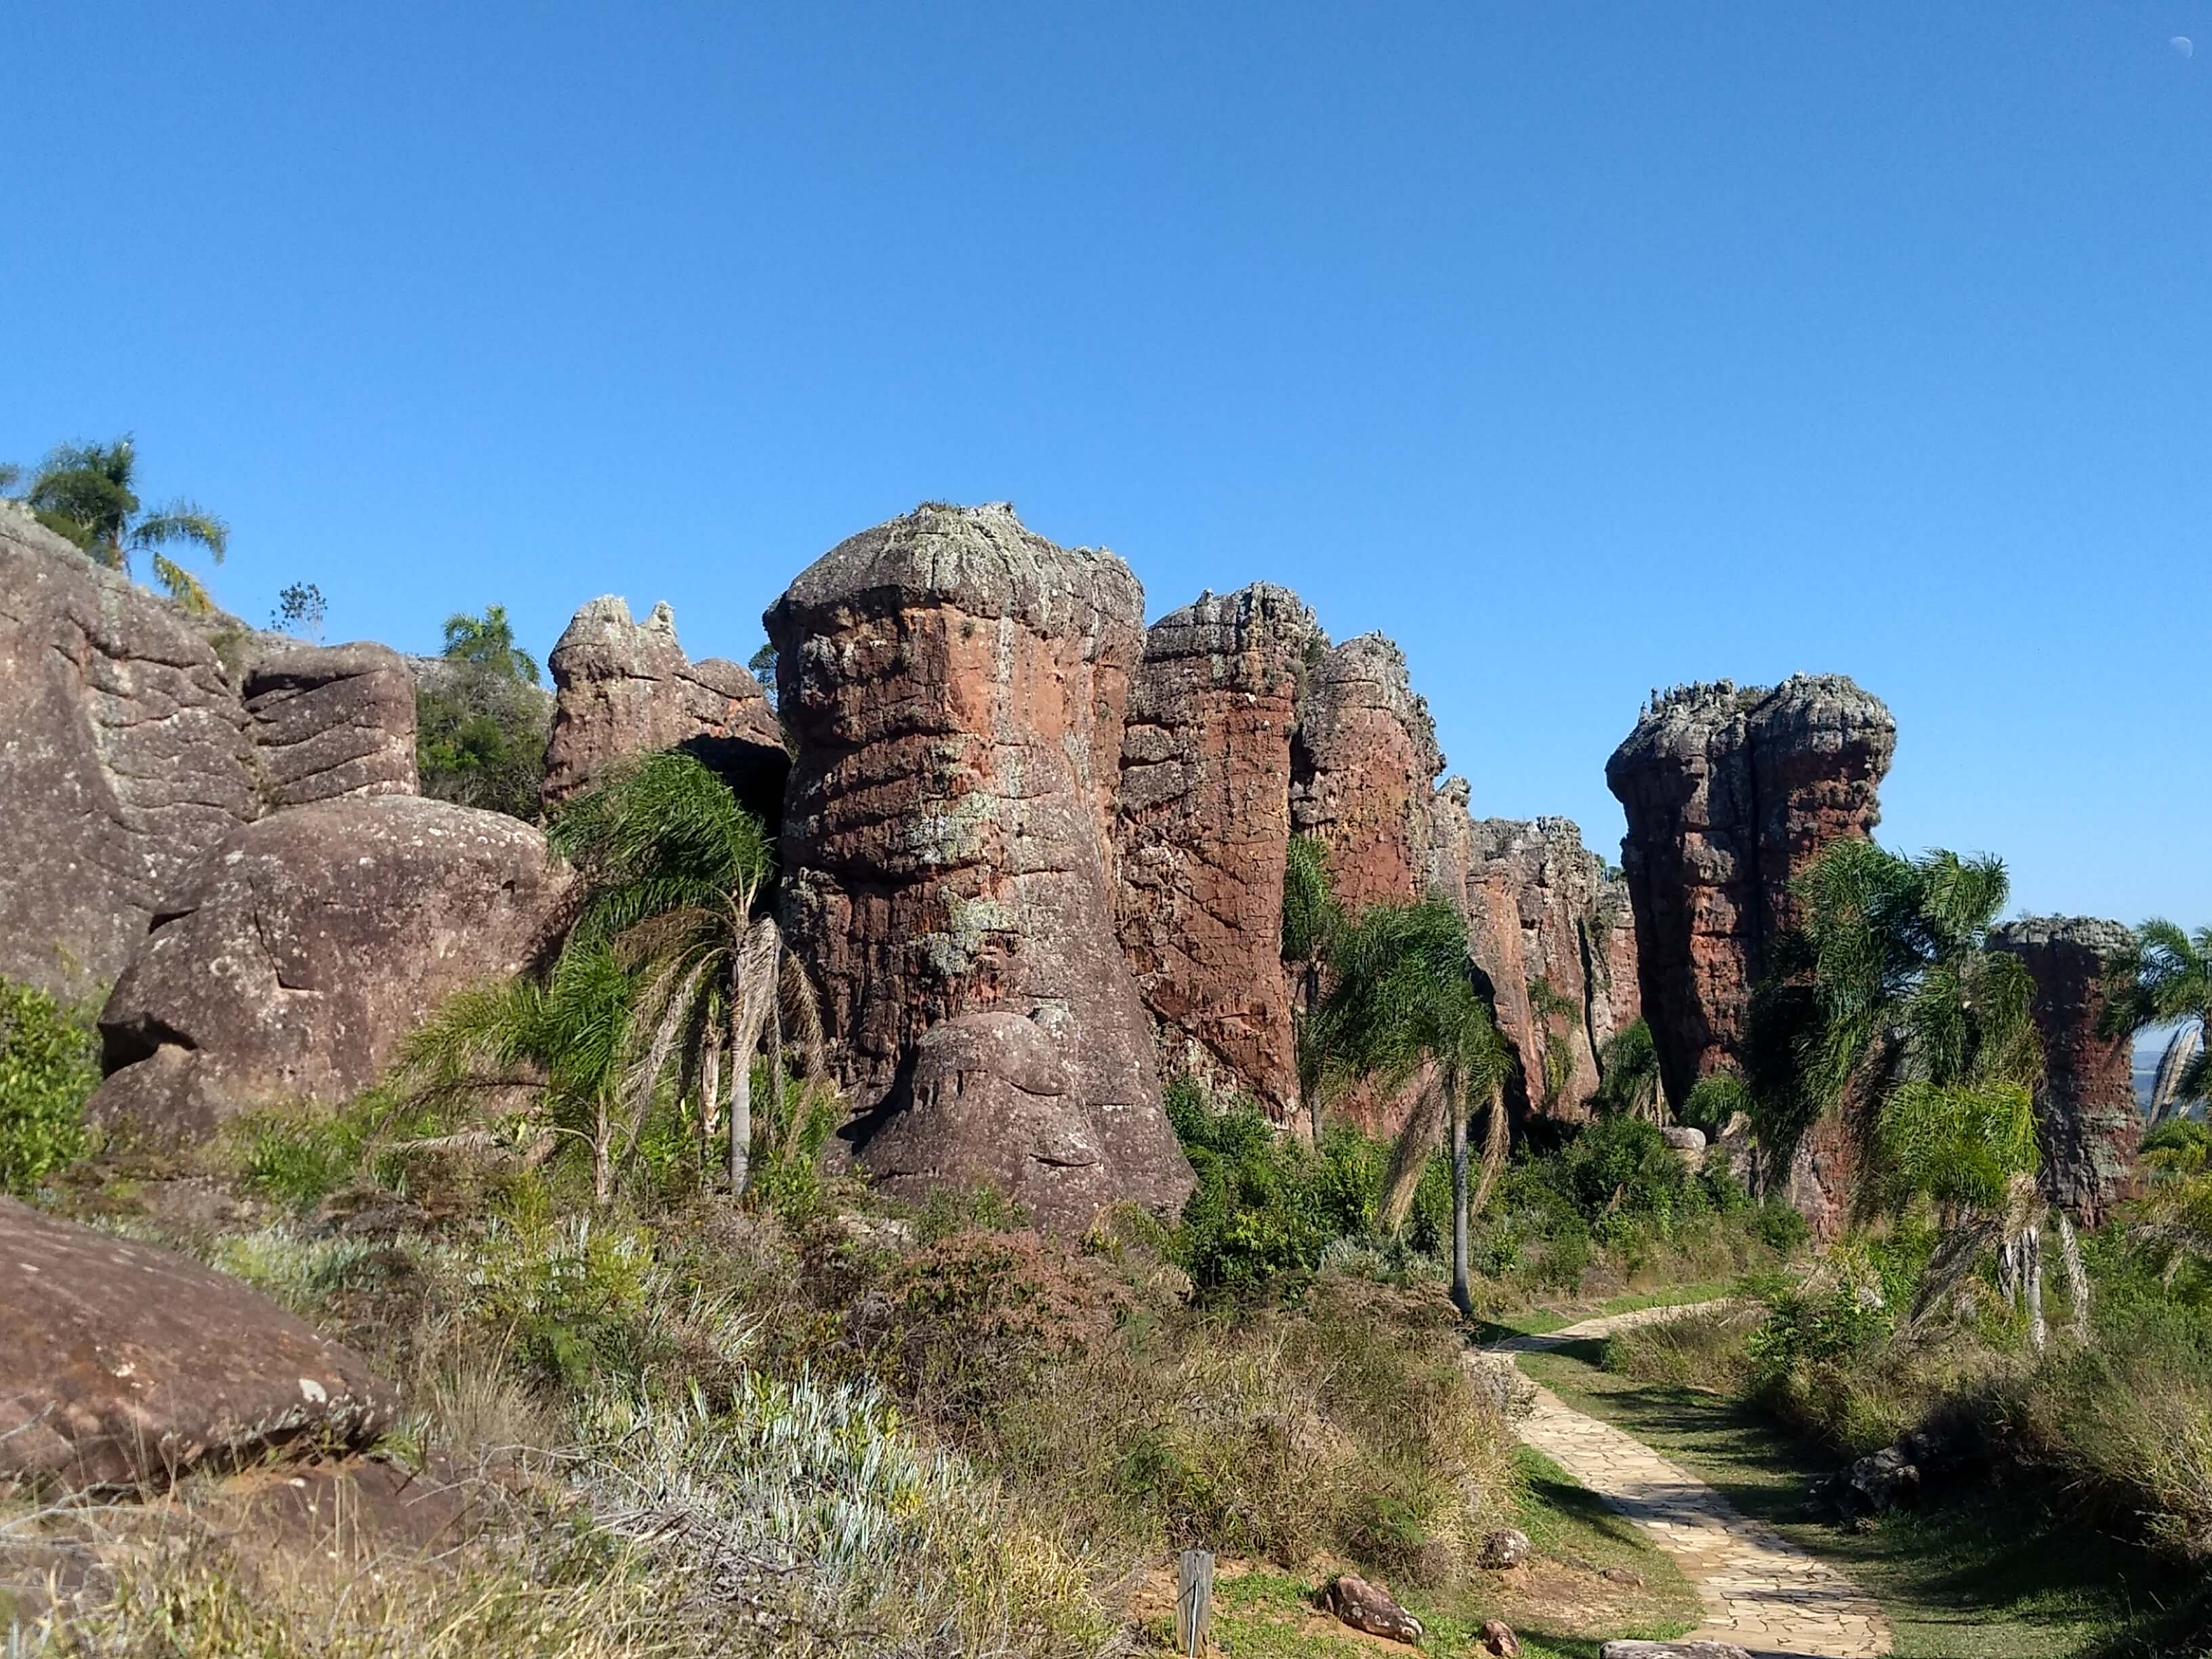 Lenda do Parque Vila Velha